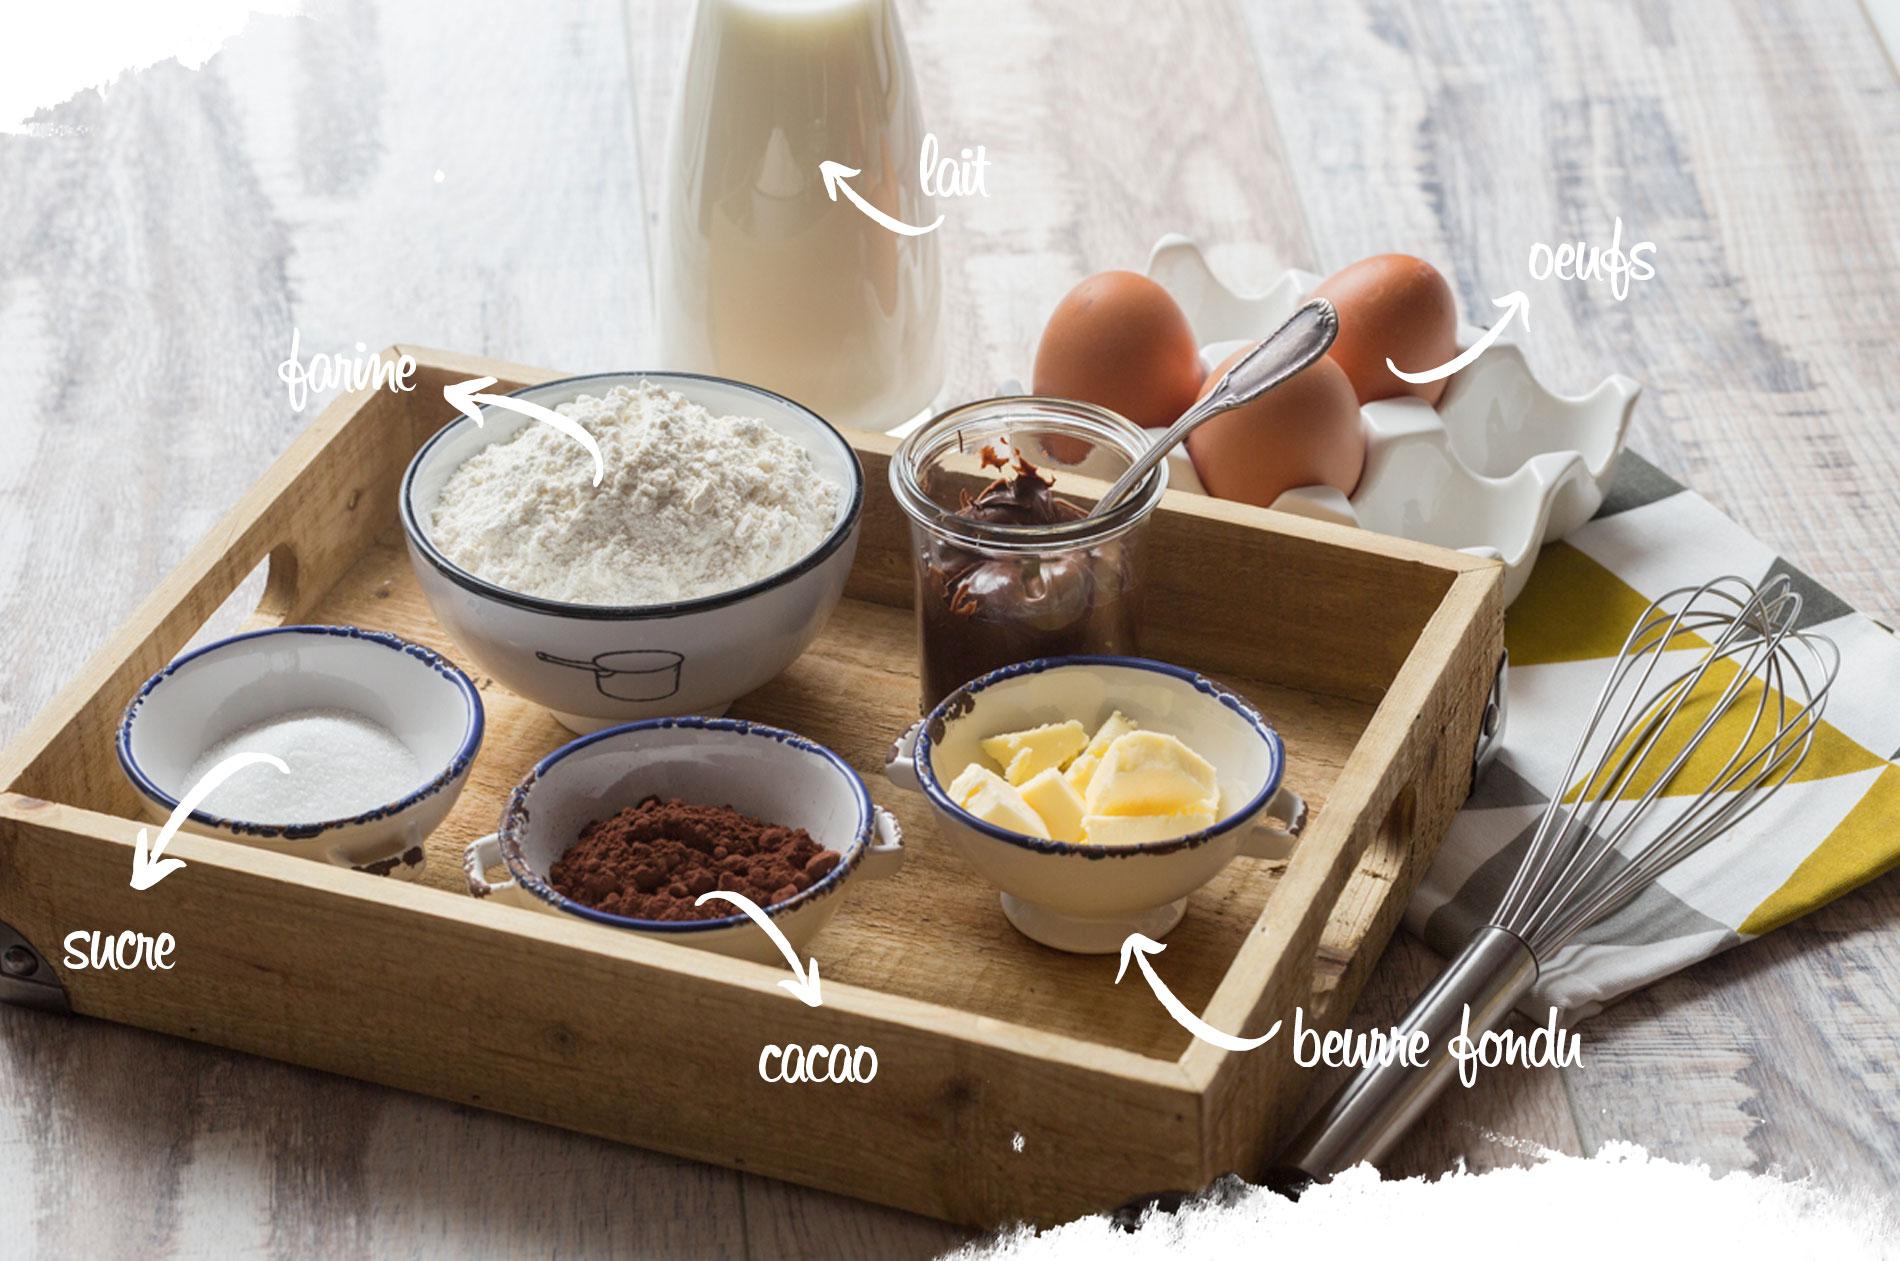 Ingrédients pour crêpes sucettes